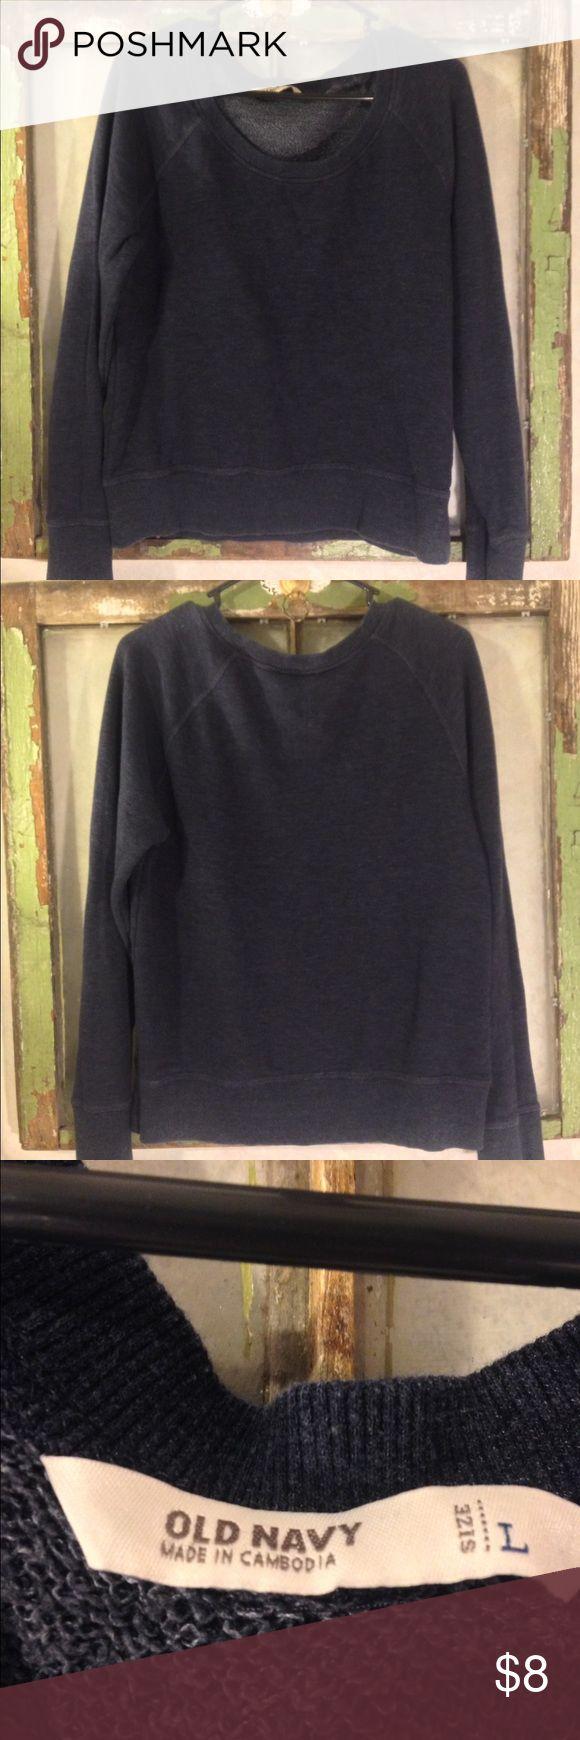 Women's Old Navy Sweatshirt. Size Large. Women's Old Navy Sweatshirt. Size Large. In great shape. Old Navy Tops Sweatshirts & Hoodies